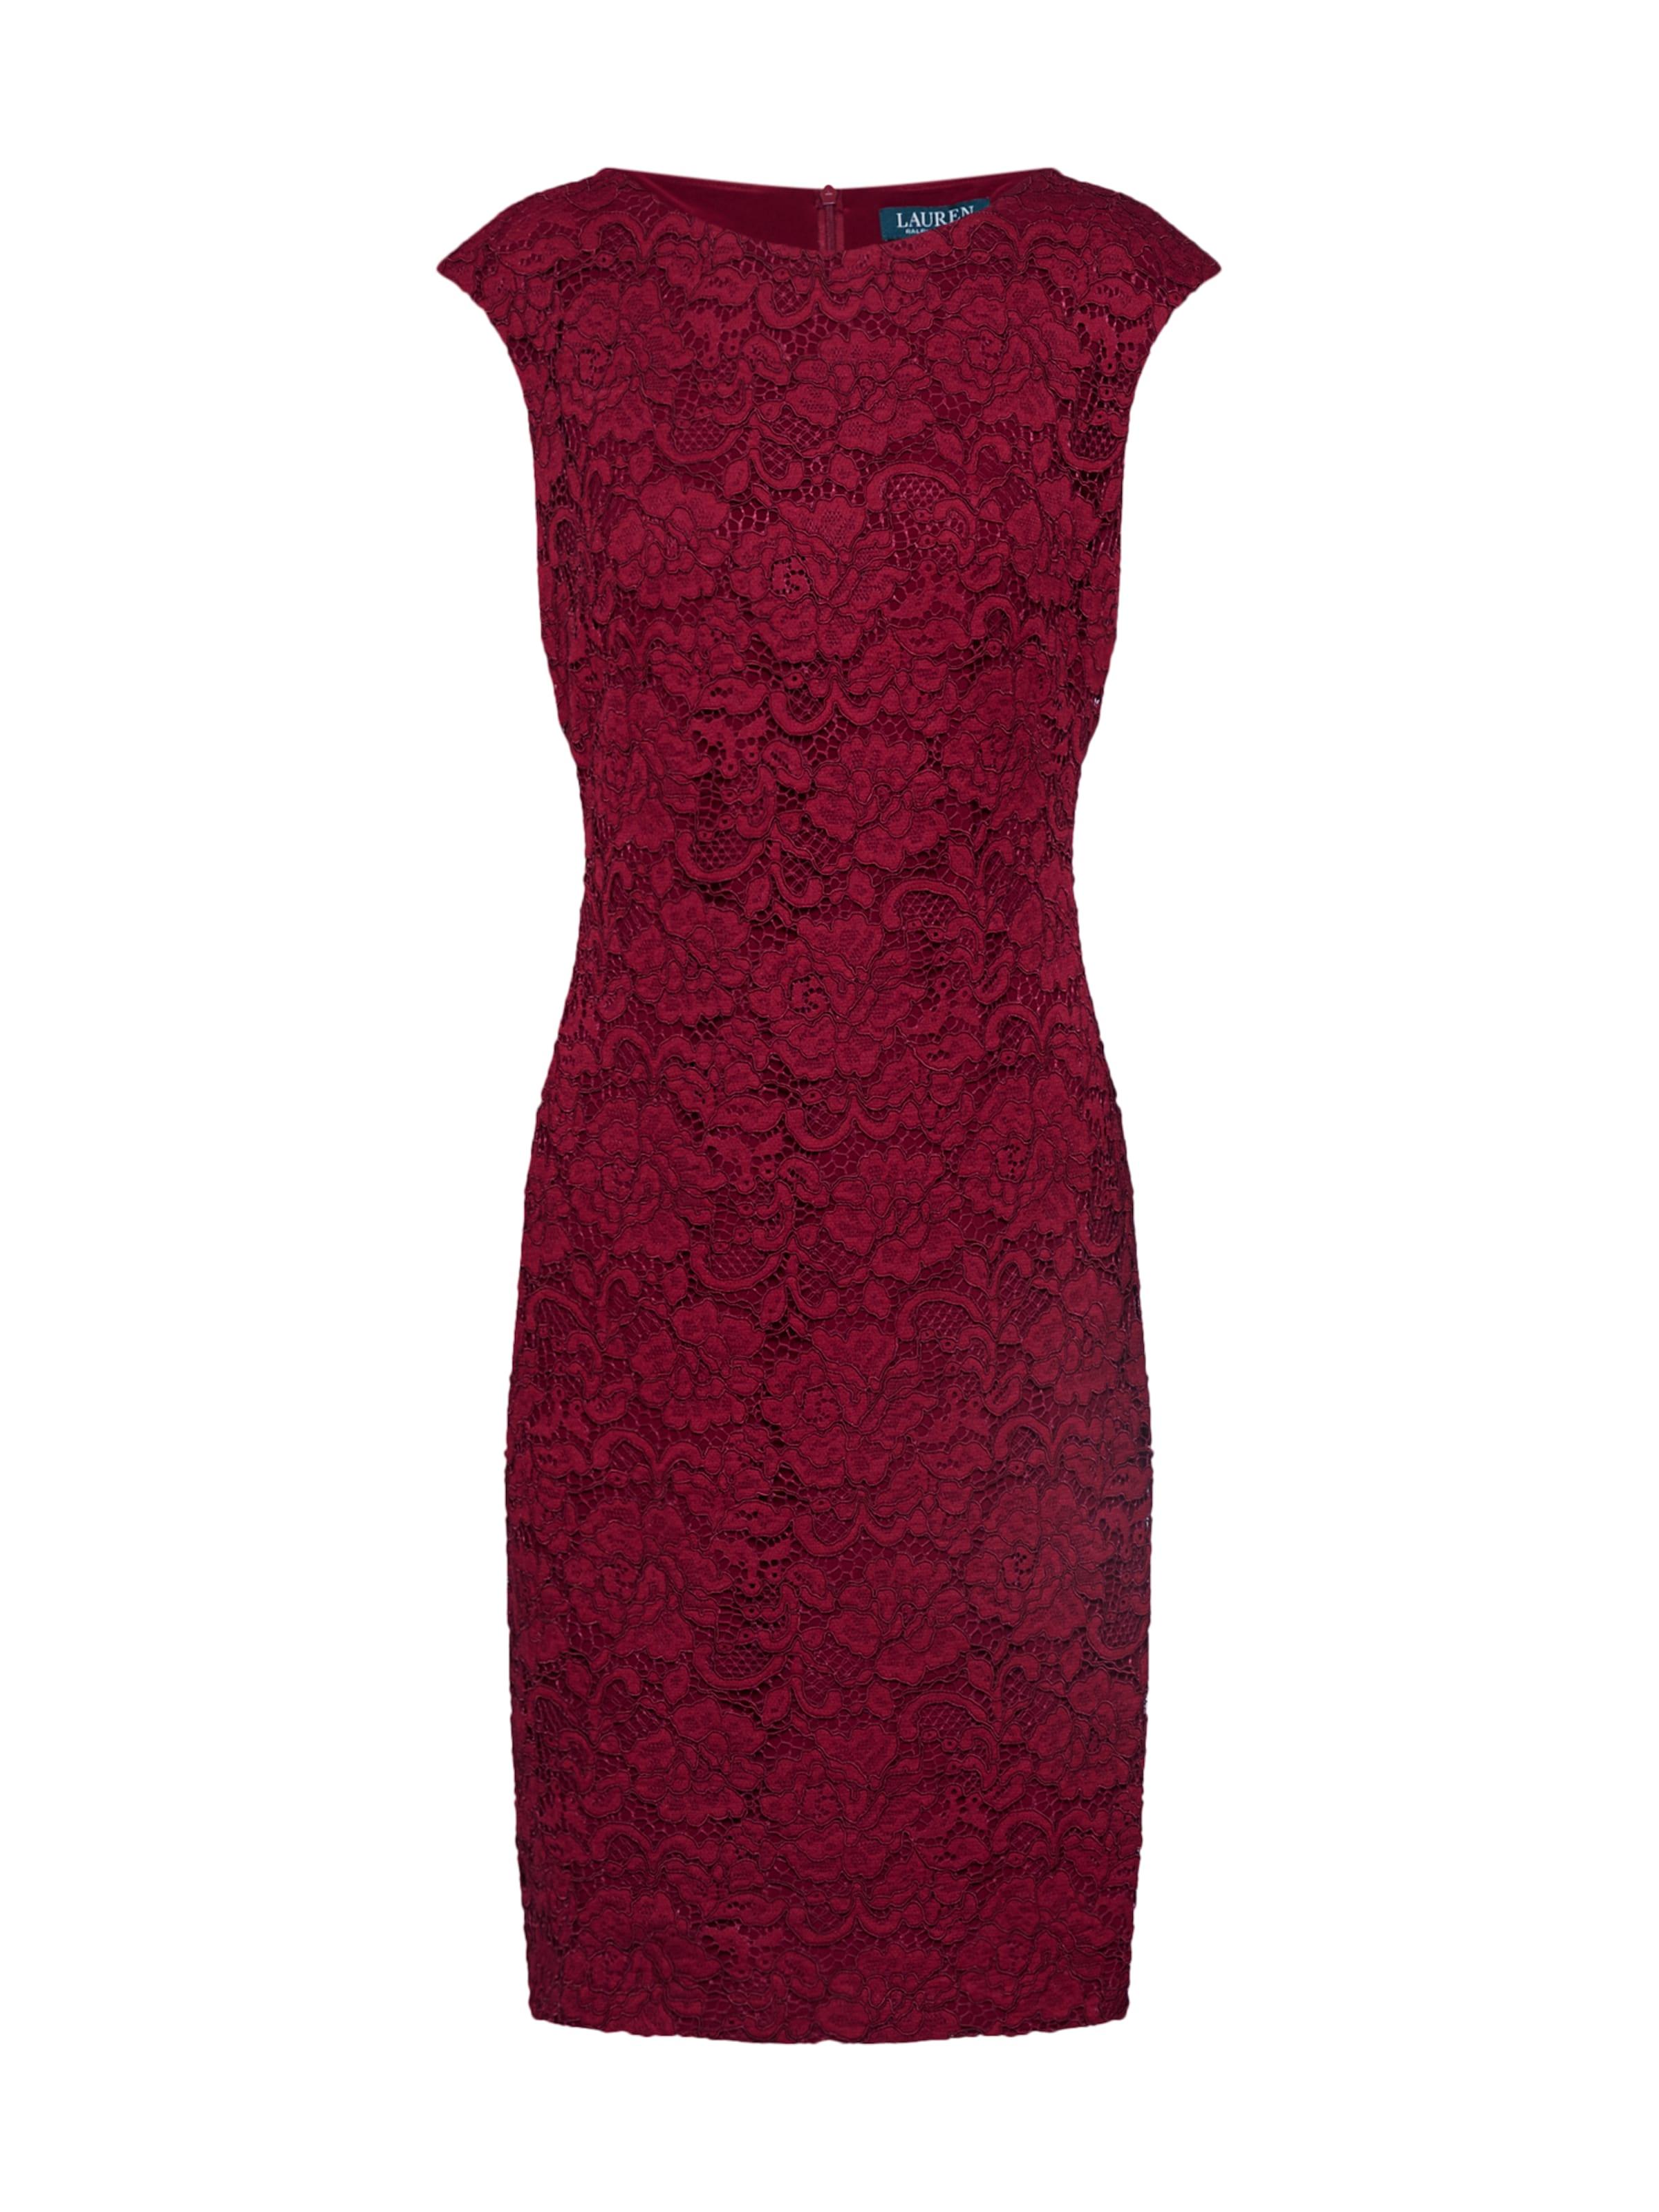 De Cocktail Rouge En cap' 'cithya Robe Carmin Ralph Lauren vNwm0On8